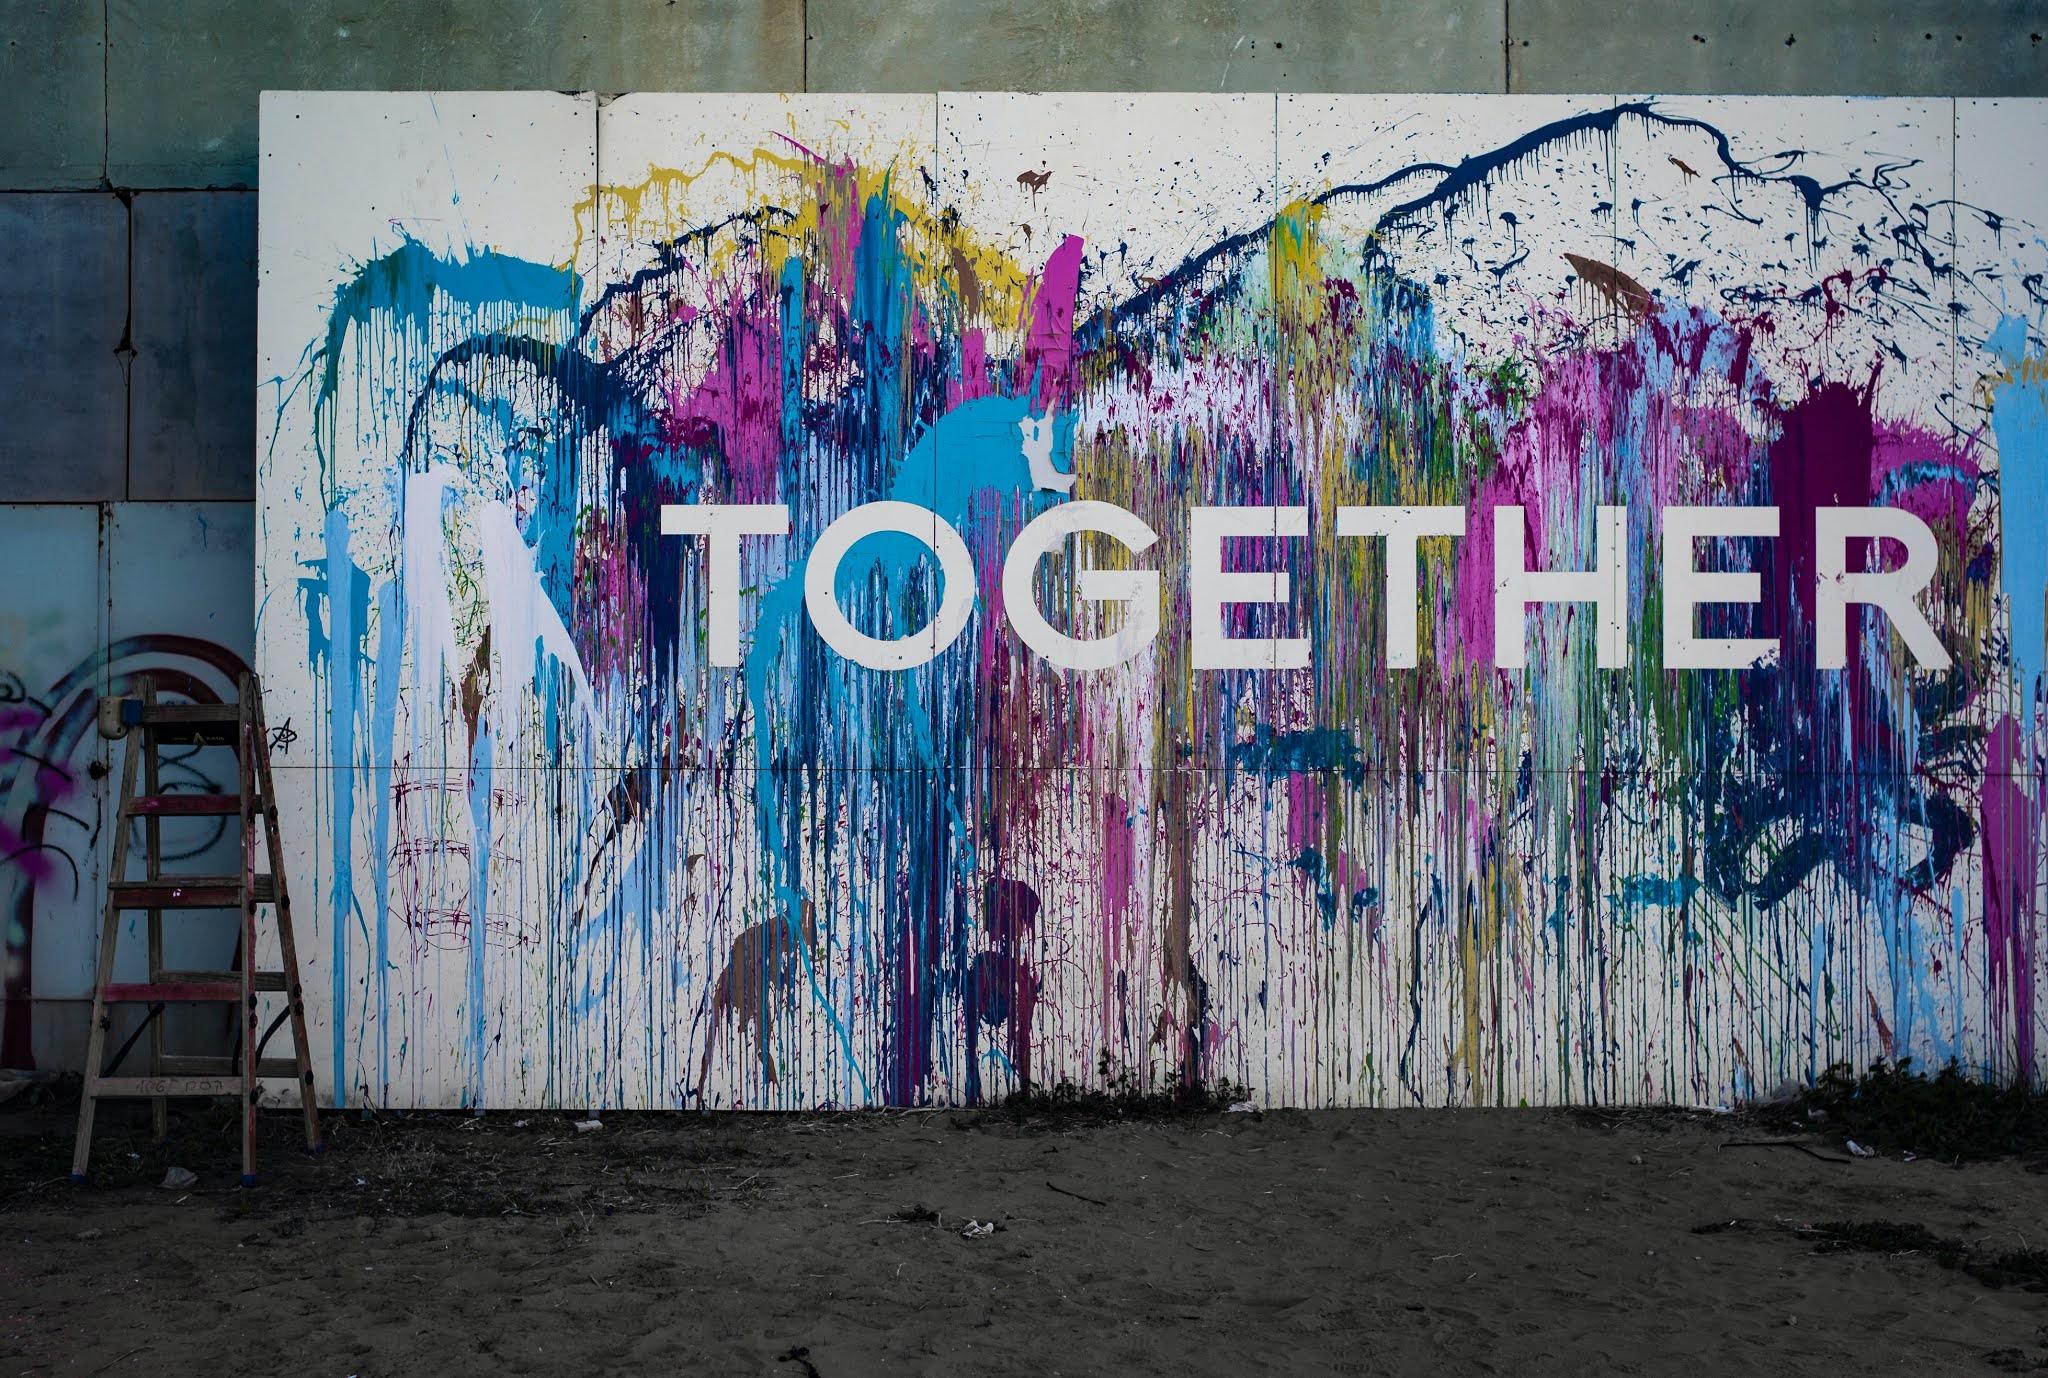 jasa mural jakarta murah Abstrak